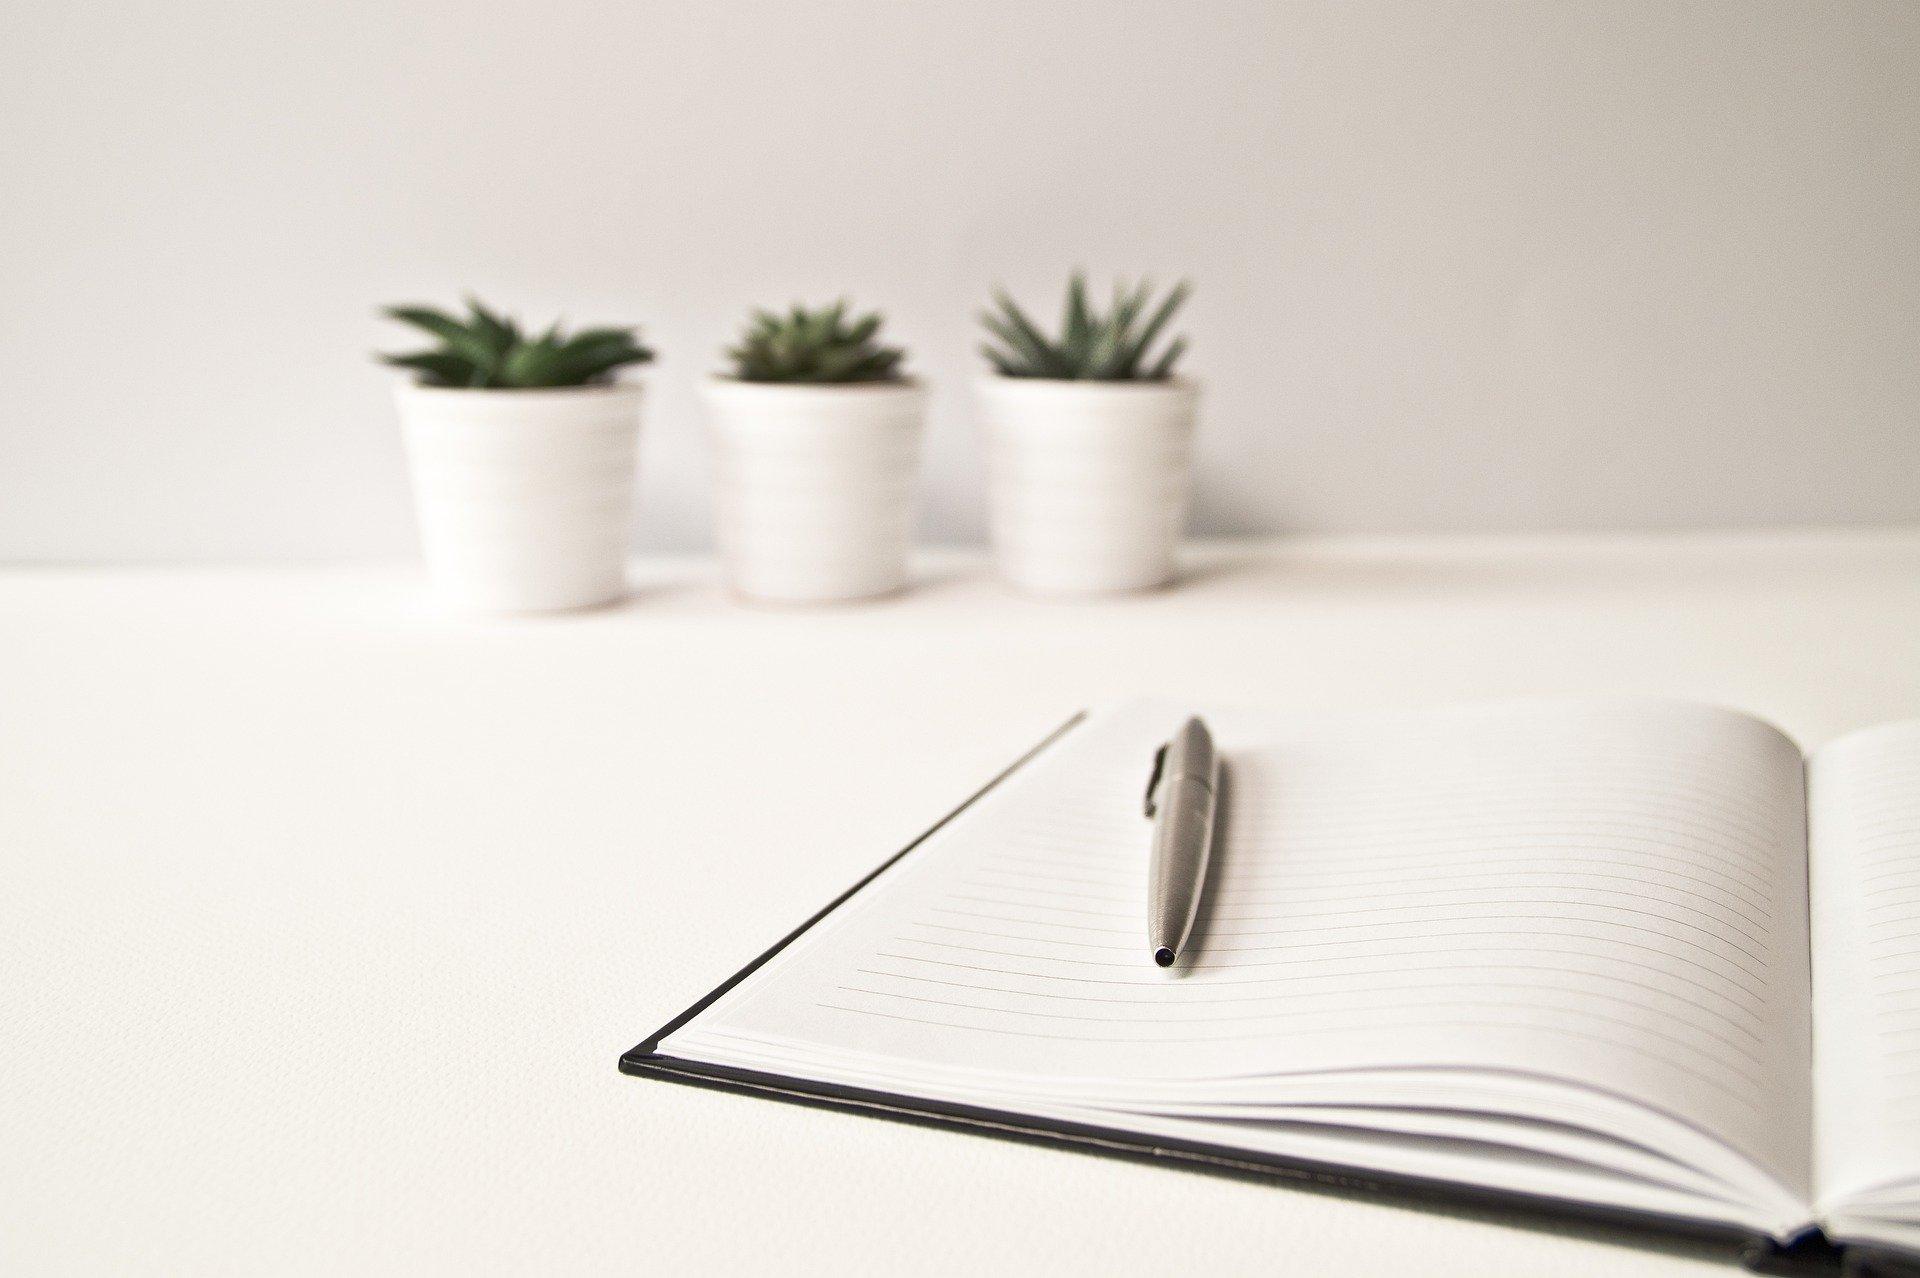 Foto von aufgeschlagenem Notizbuch mit Stift